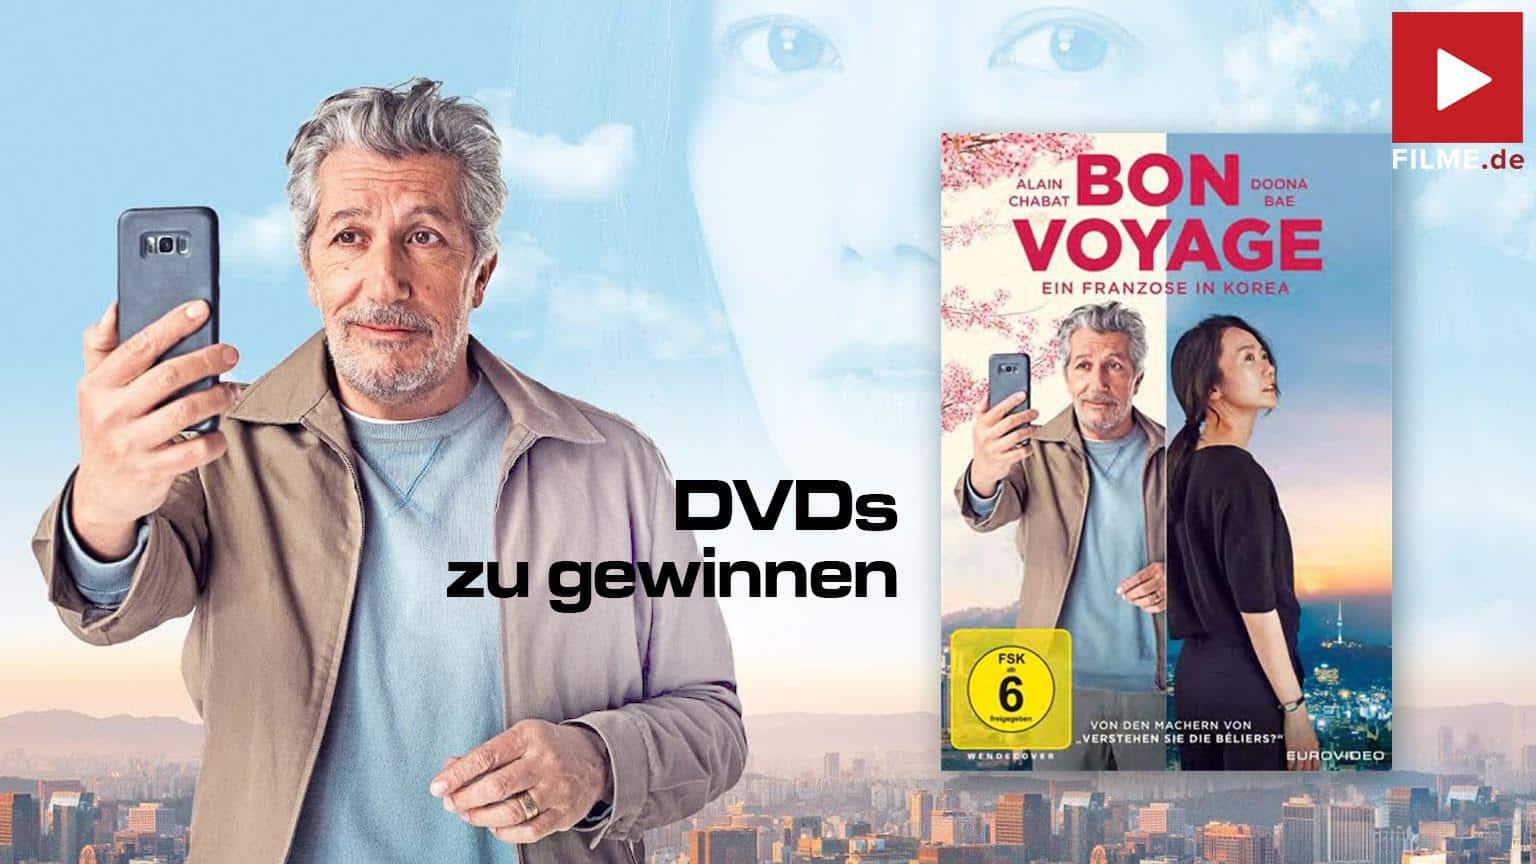 Bon Voyage - Ein Franzose in Korea DVD Gewinnspiel gewinnen shop kaufen Artikelbild